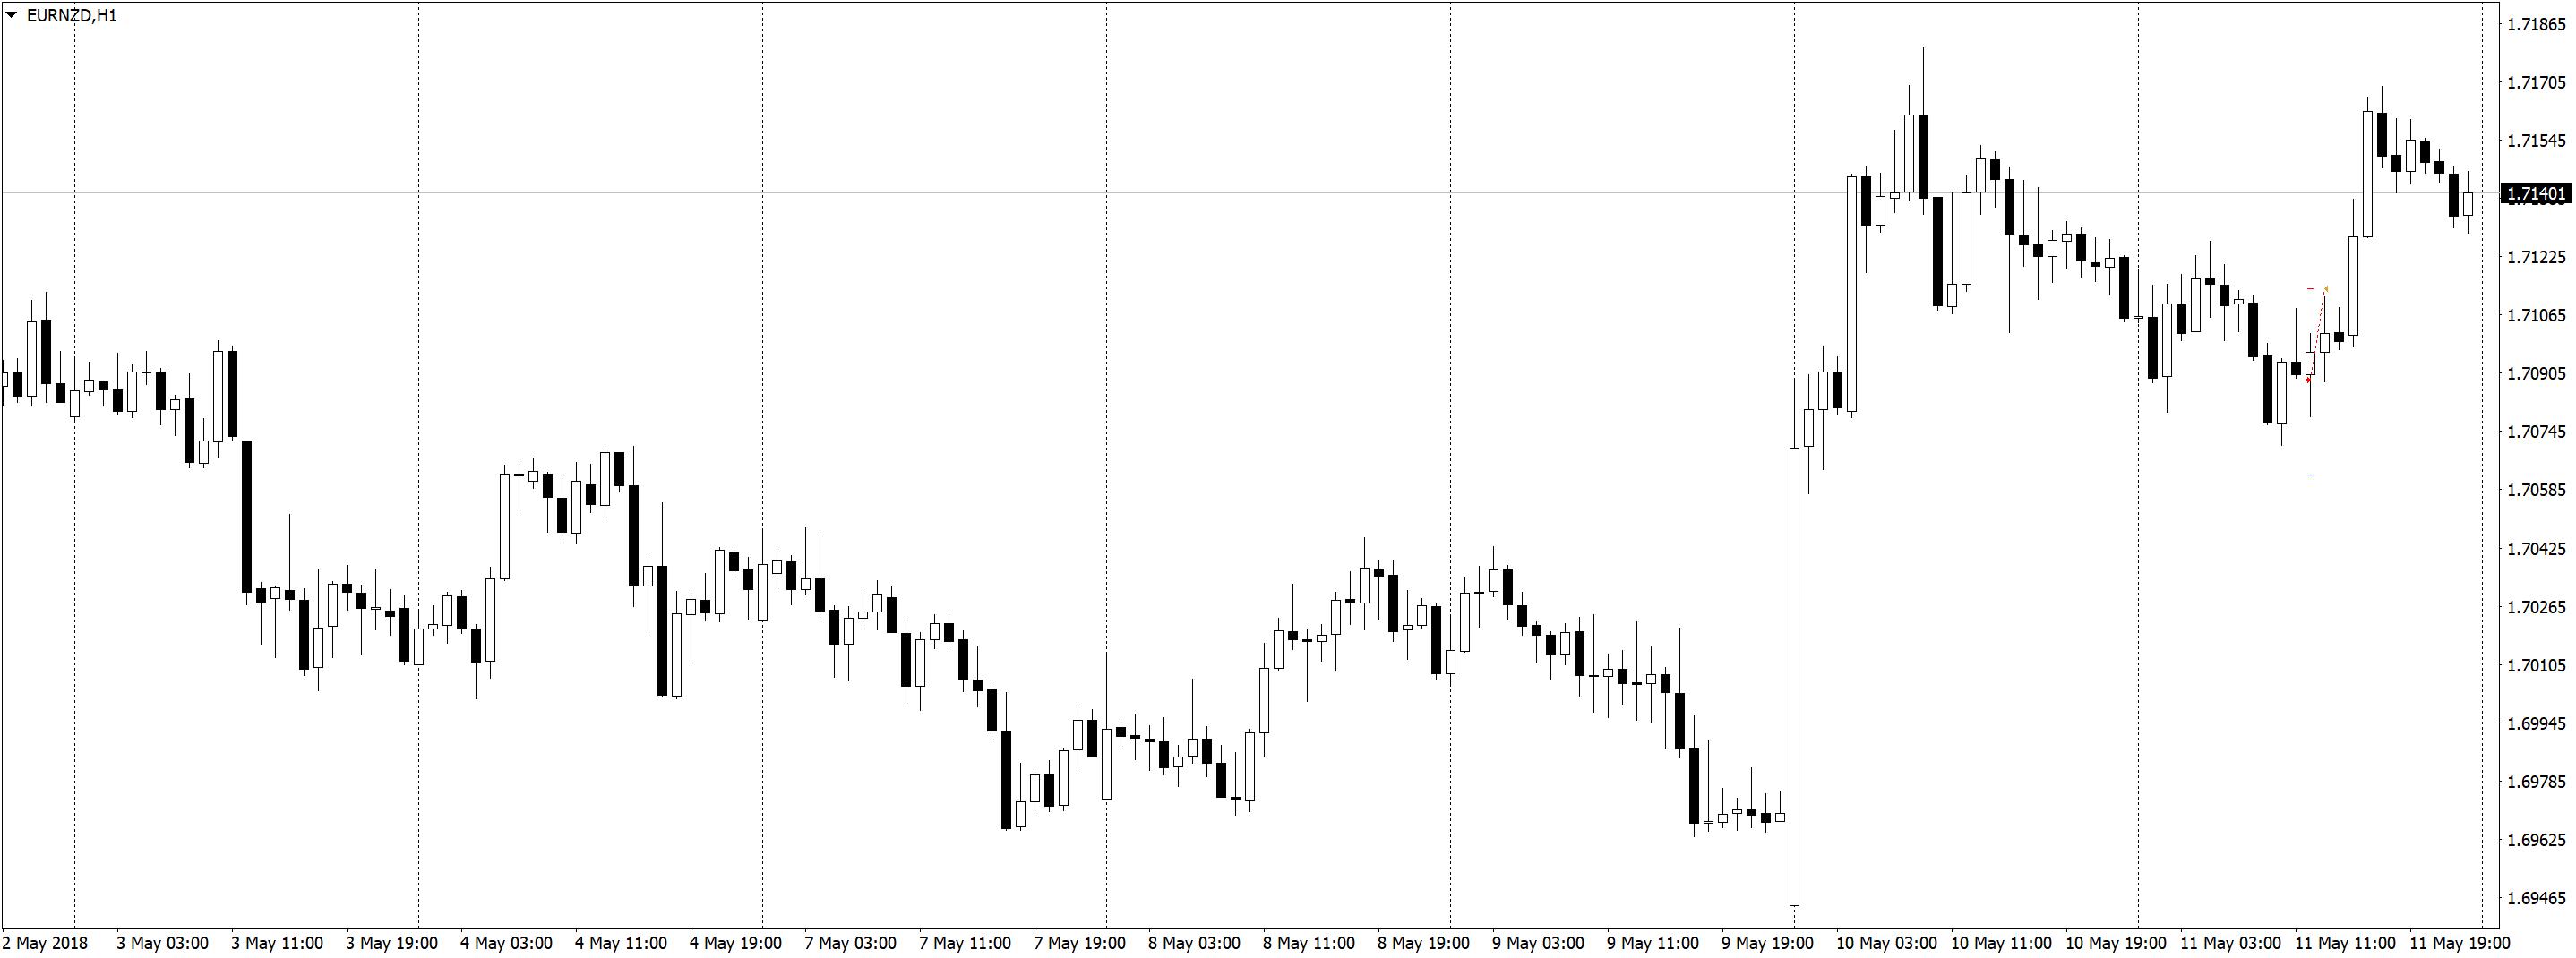 EURNZDH1 Положительная доходность в трейдинге, торговле по M5 и M1